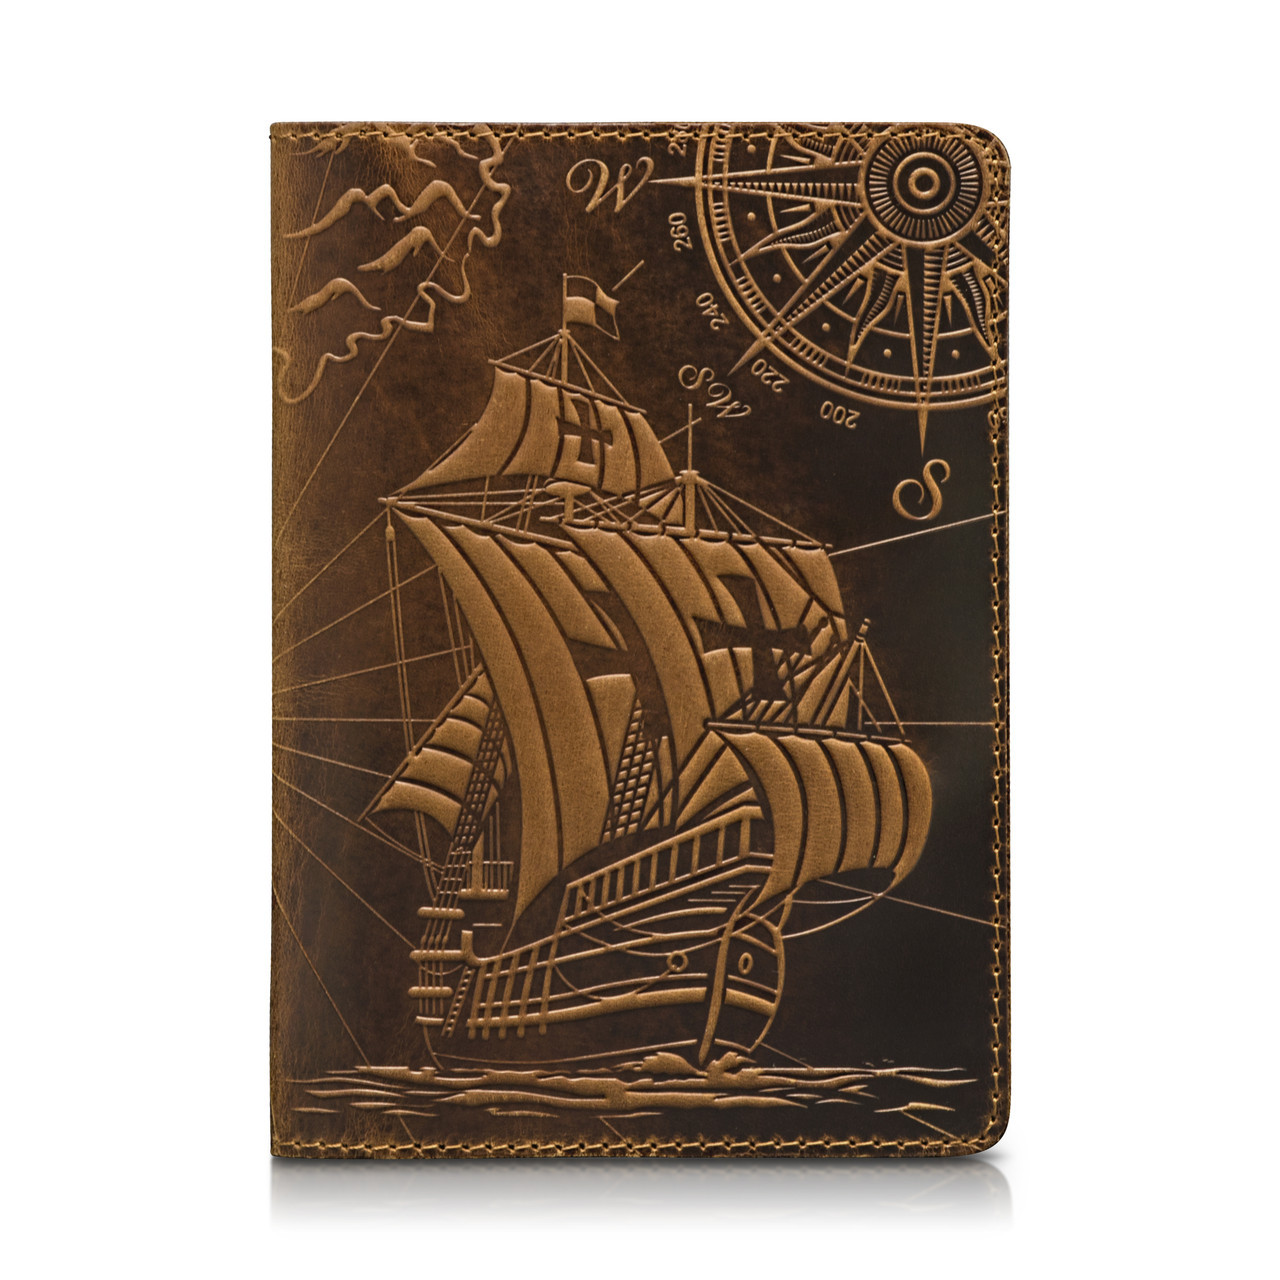 """Обложка для паспорта кожаная с художественным тиснением """"Открытия"""". Цвет рыжий"""